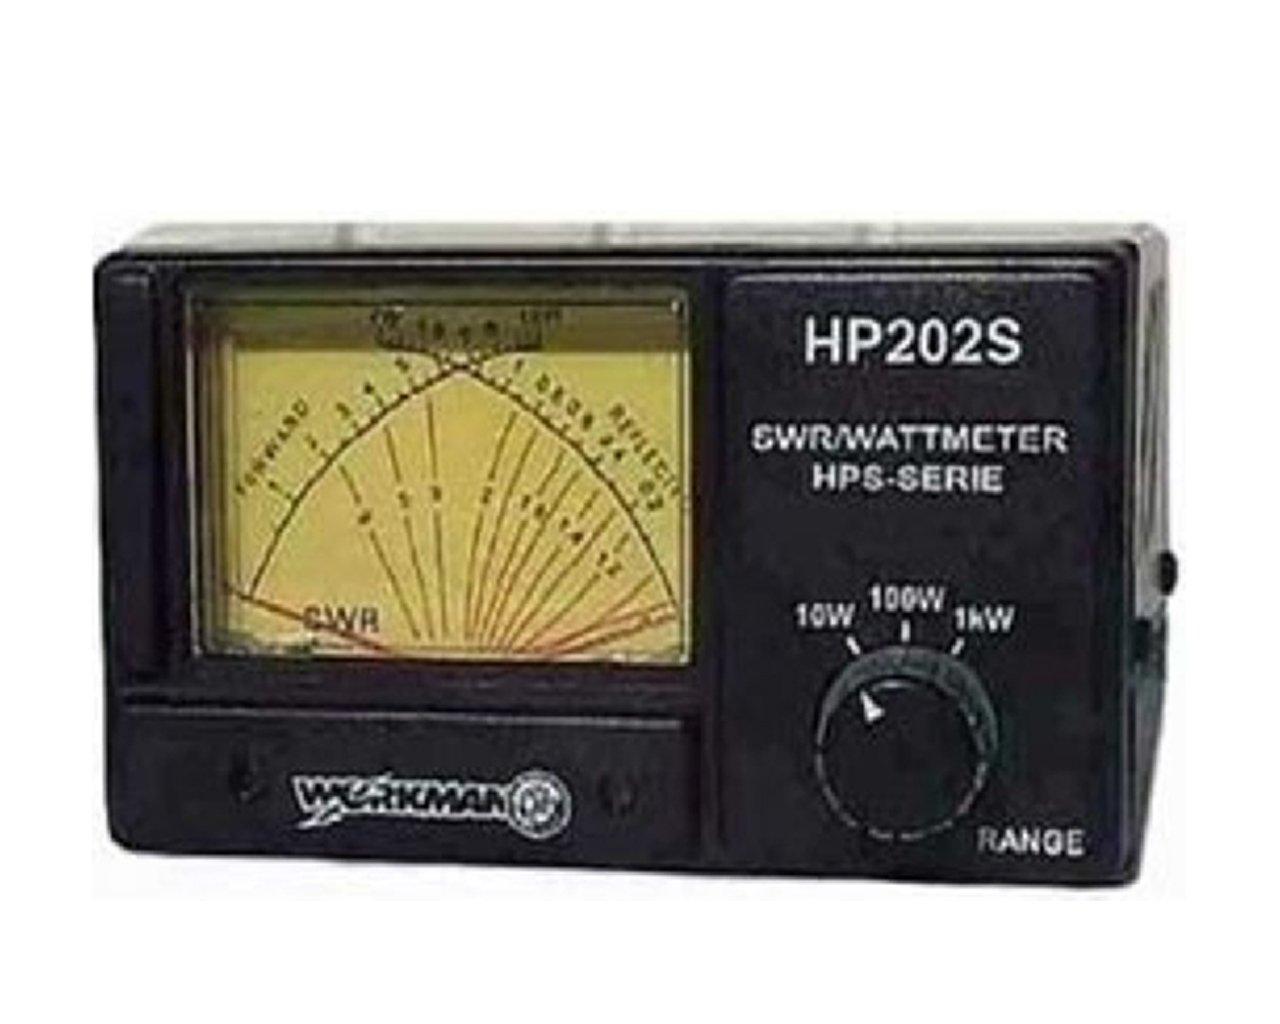 WORKMAN HP202S CROSS NEEDLE SWR/WATT METER, 1000 WATT POWER METER